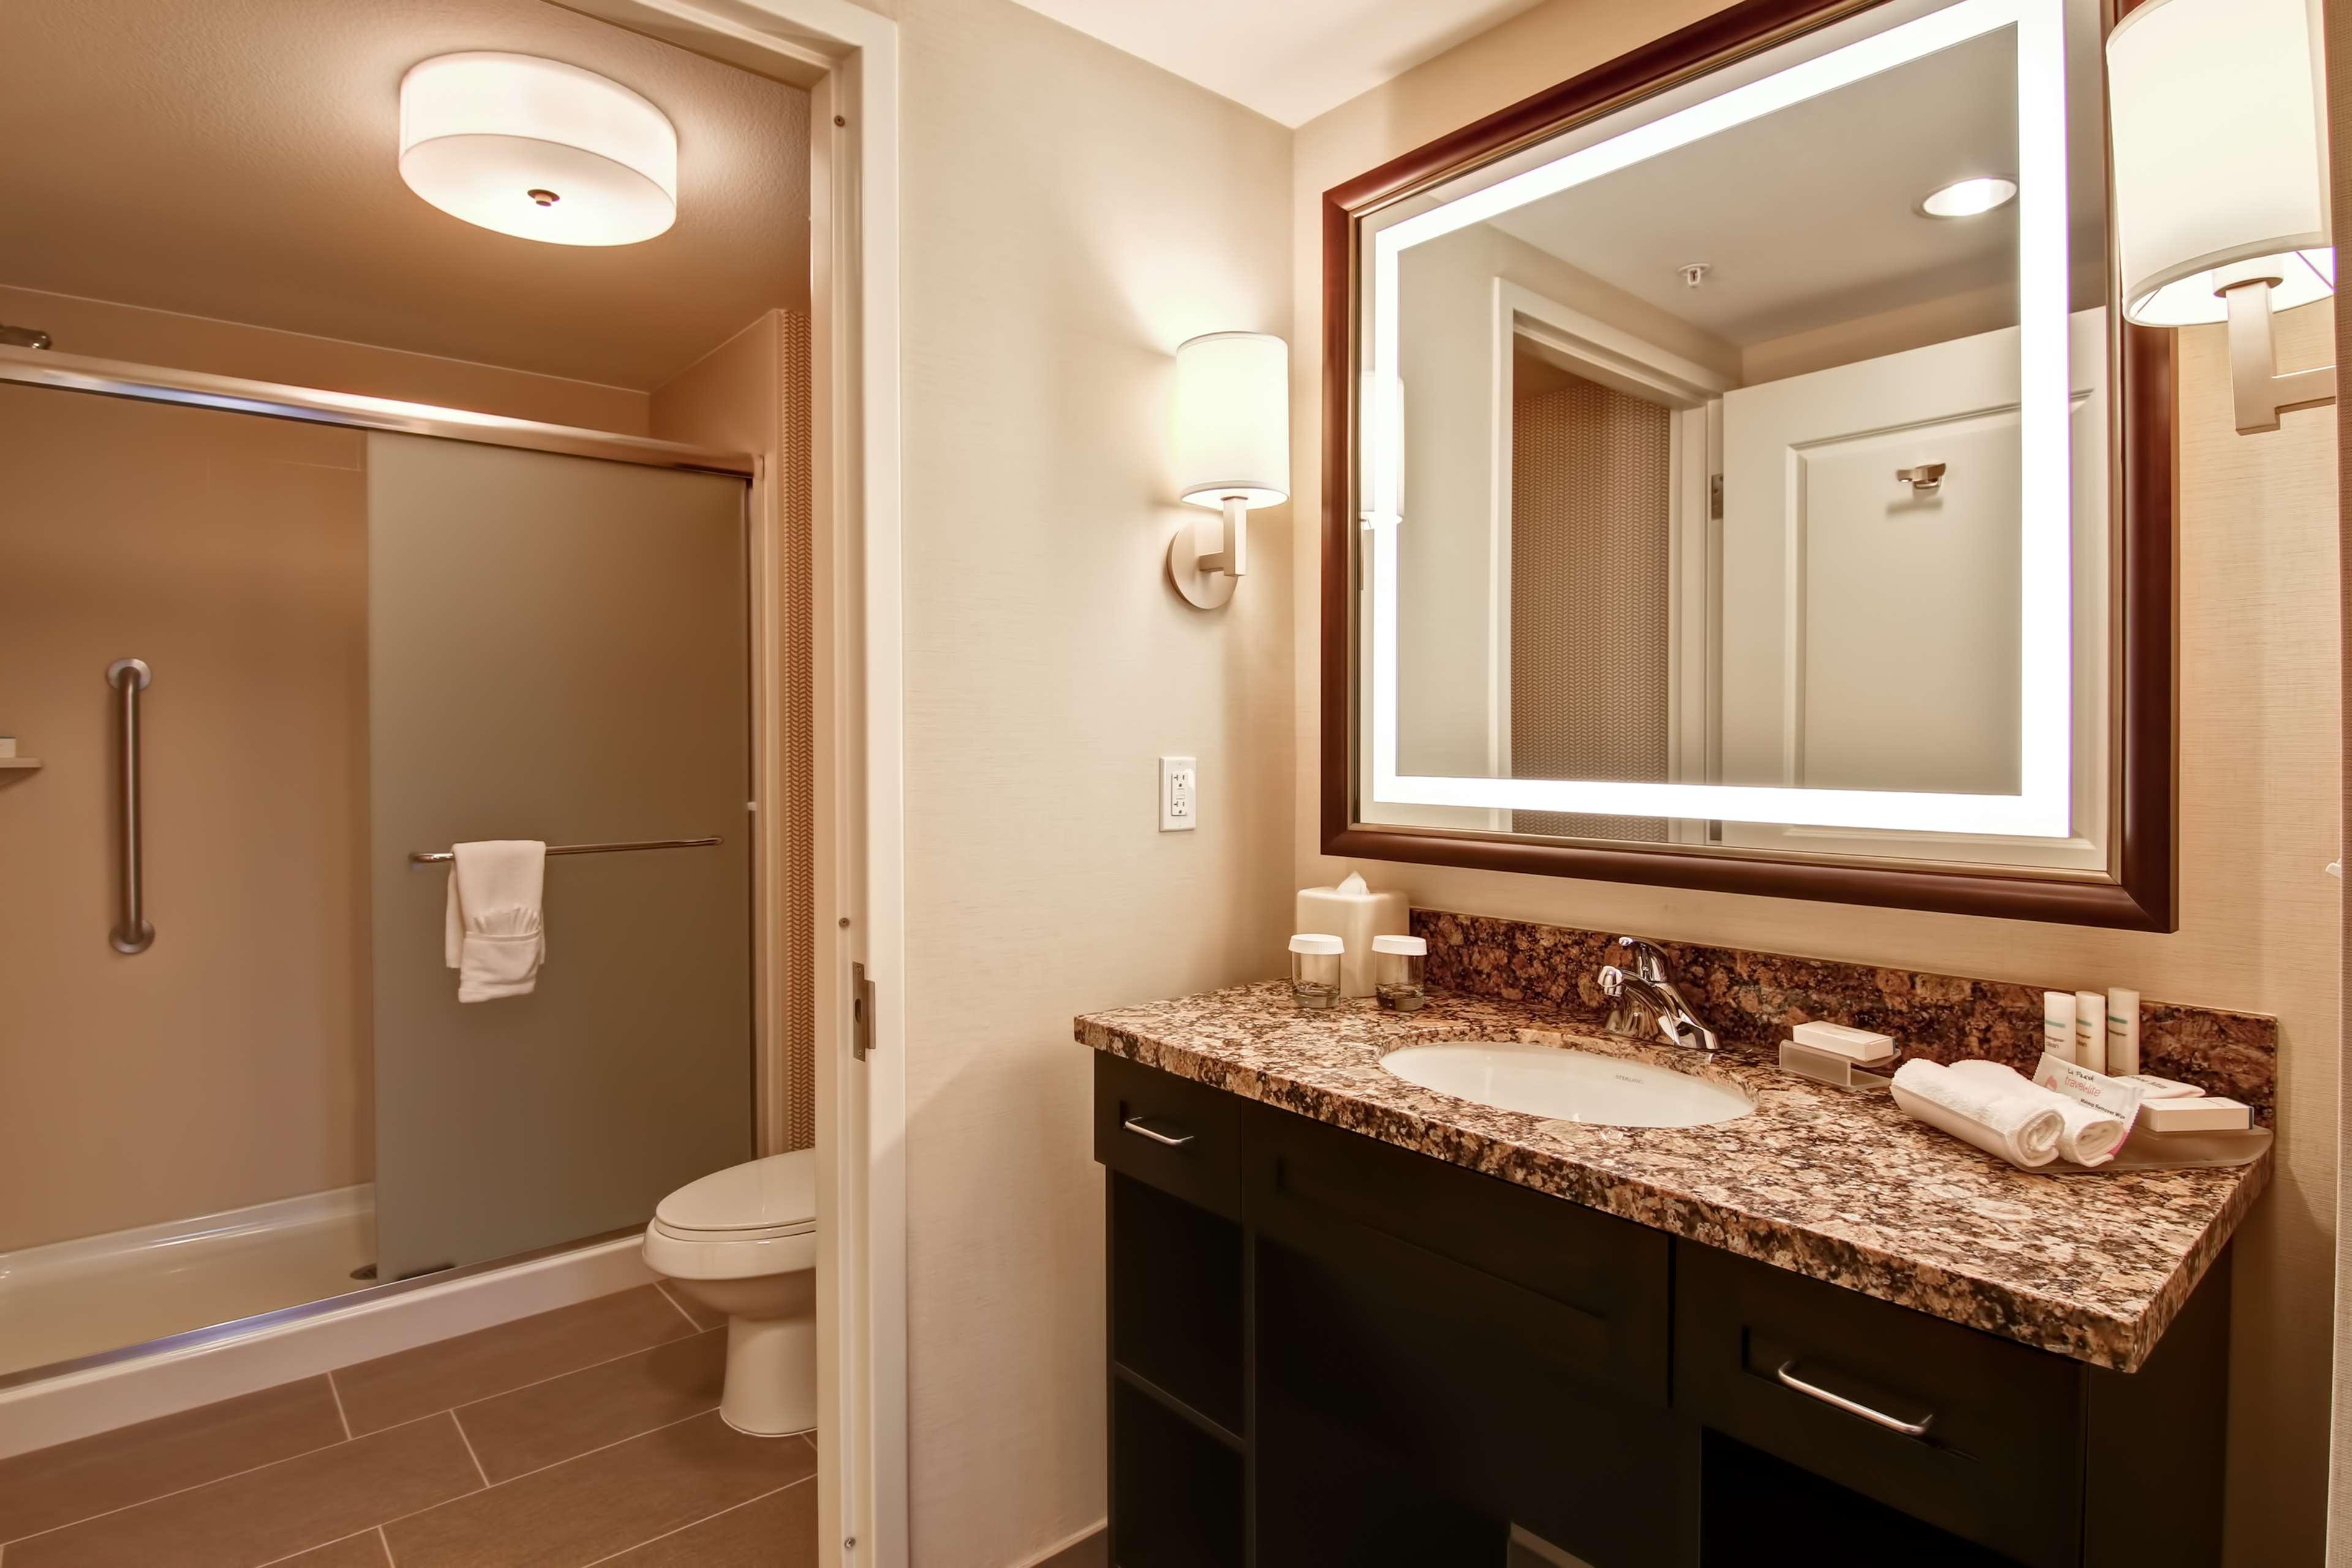 Homewood Suites by Hilton Palo Alto image 23